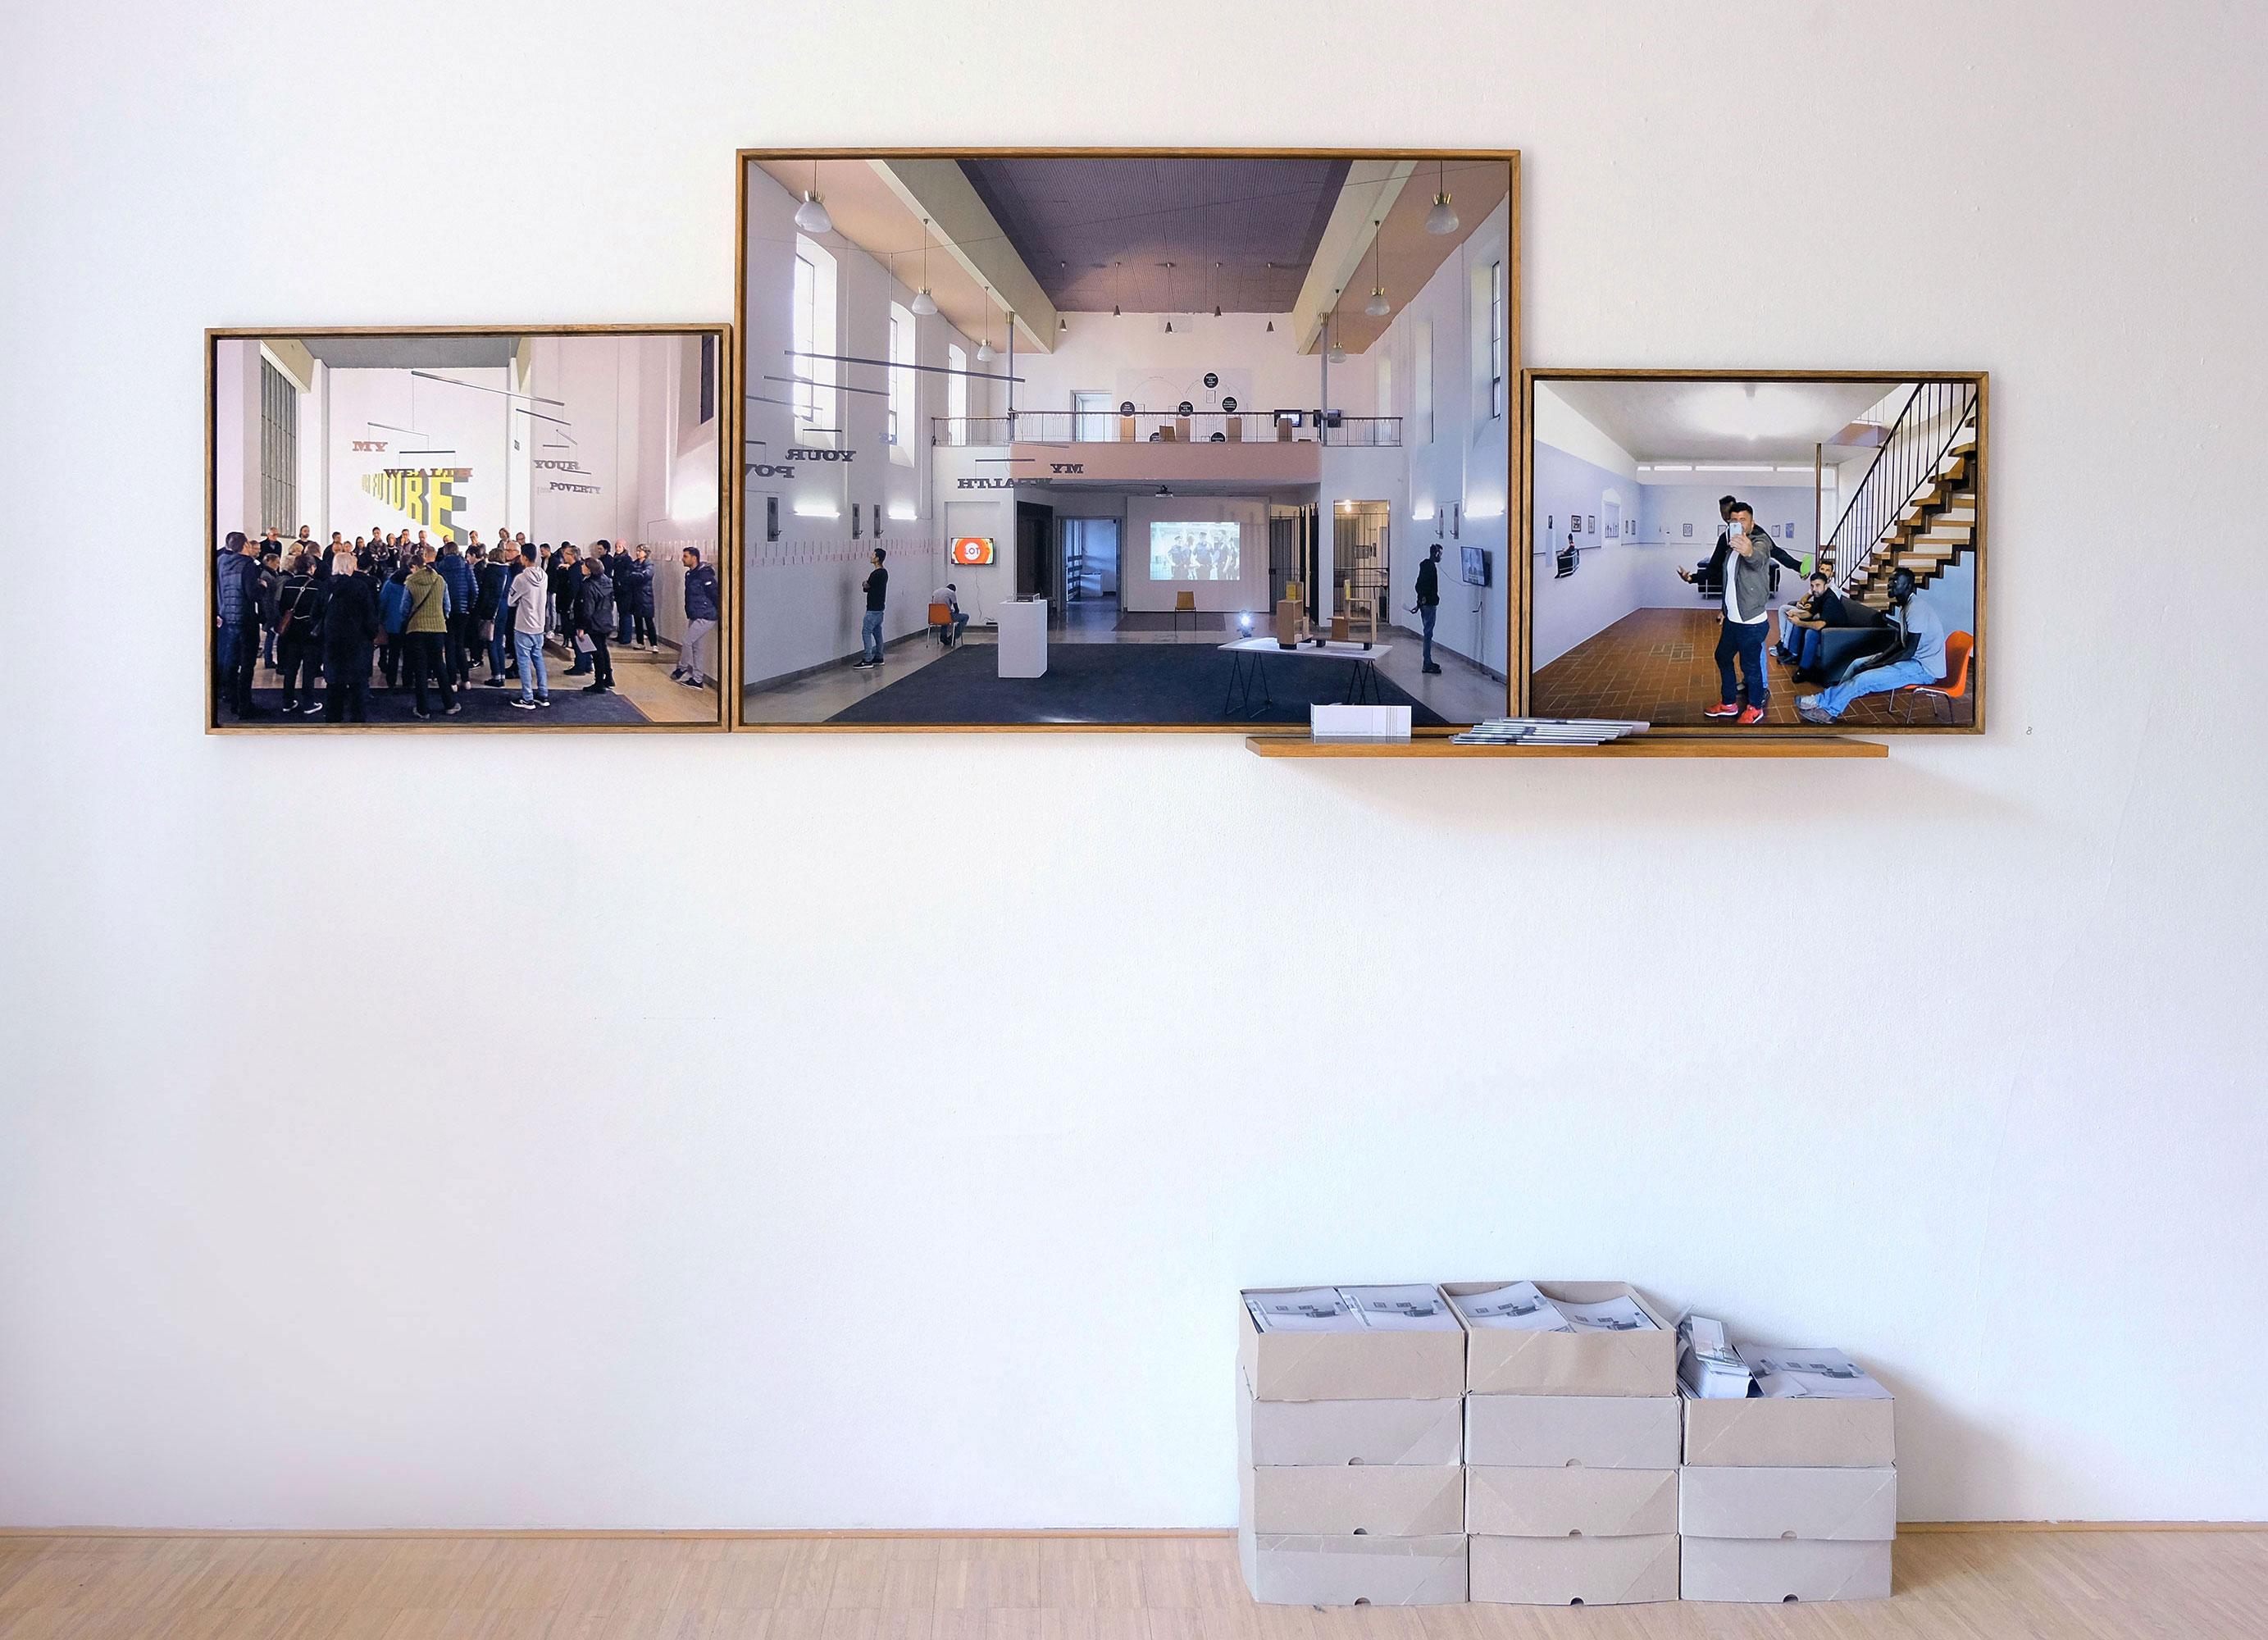 performen@kunstmuseen 1 (Triptychon mit Werbung)